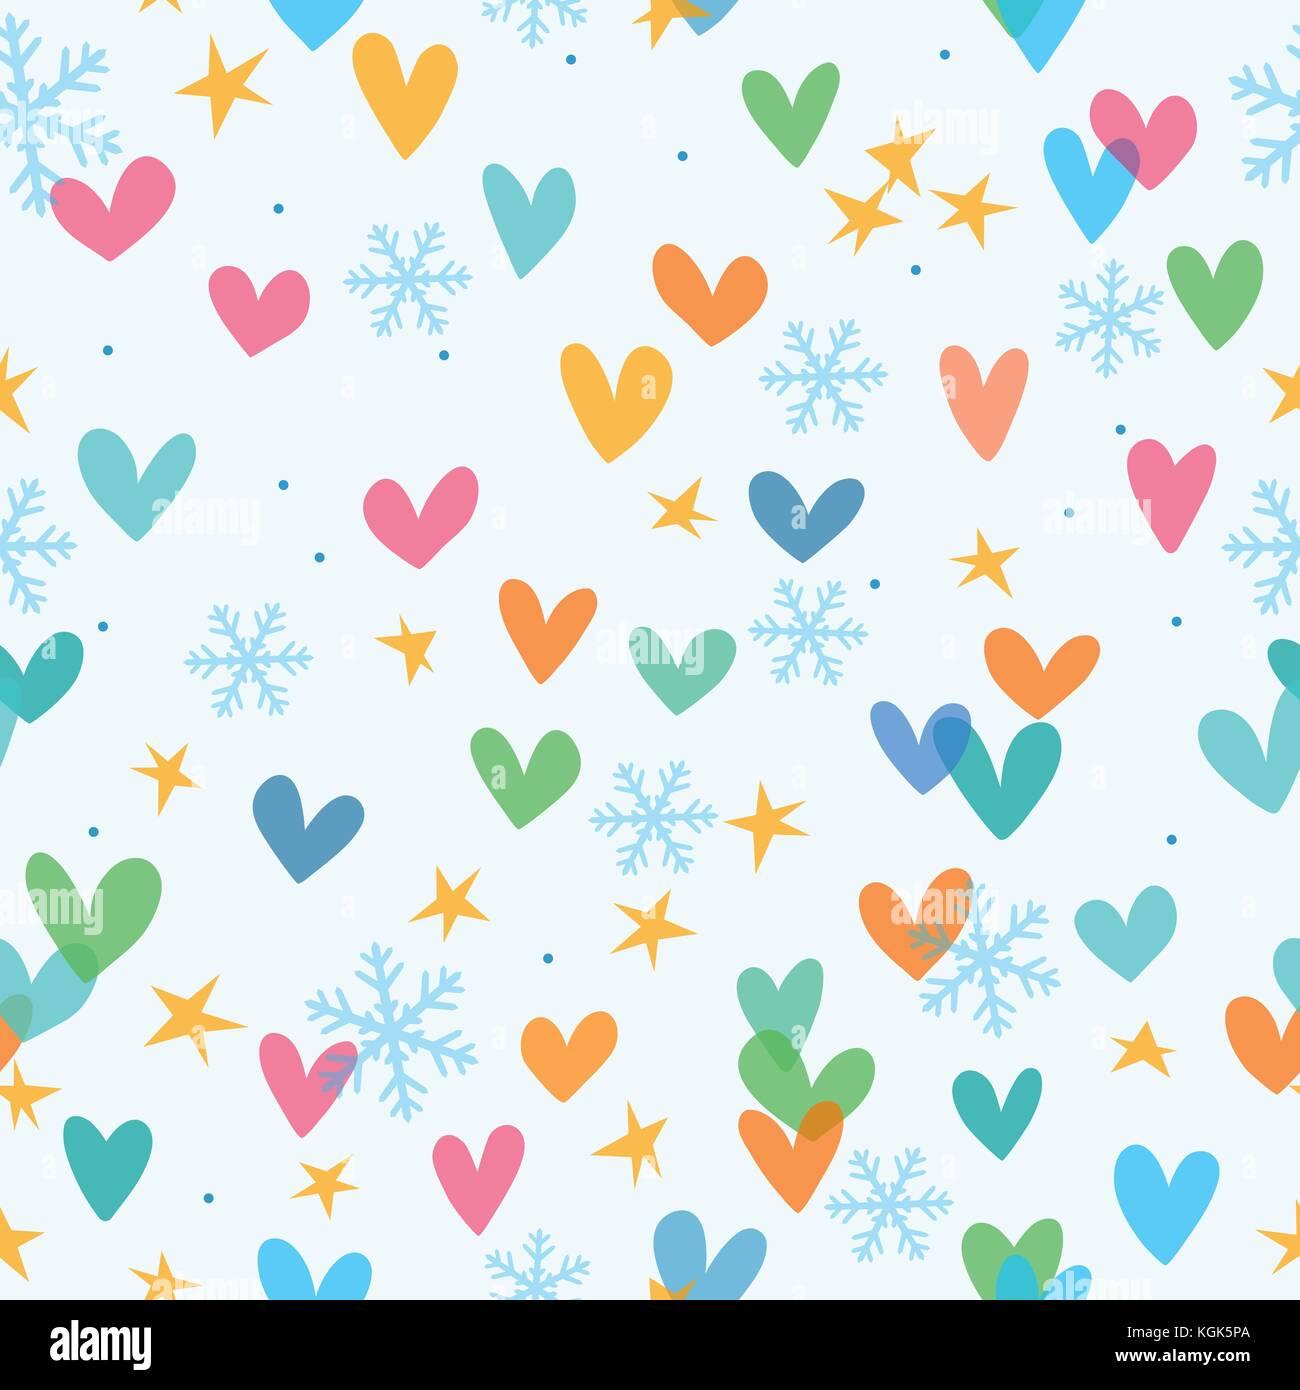 Patrón De Navidad Perfecta Con Estrellas Corazones Y Copos De Nieve